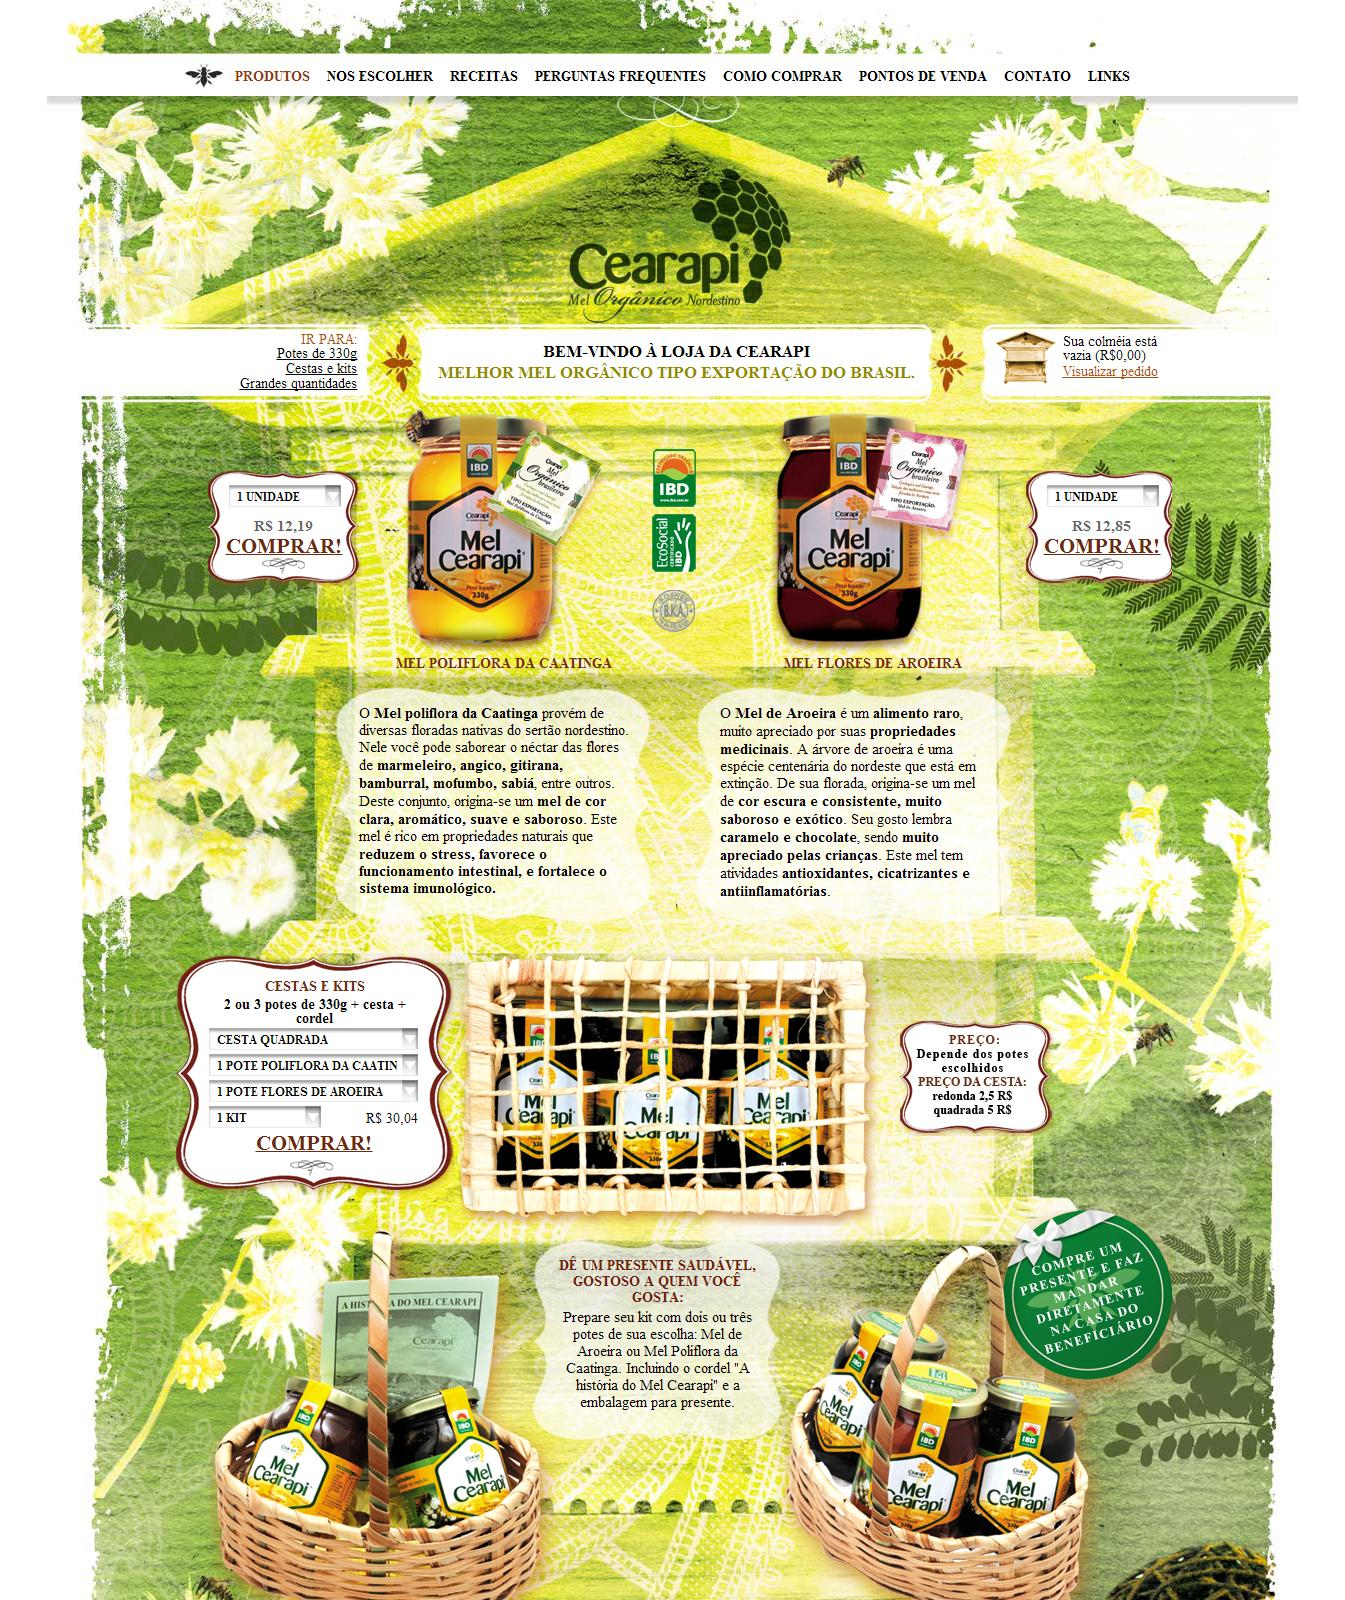 Cearapi Apicultura | Mel e Produtos Orgânicos - Melhor mel orgânico tipo exportação do Brasil.